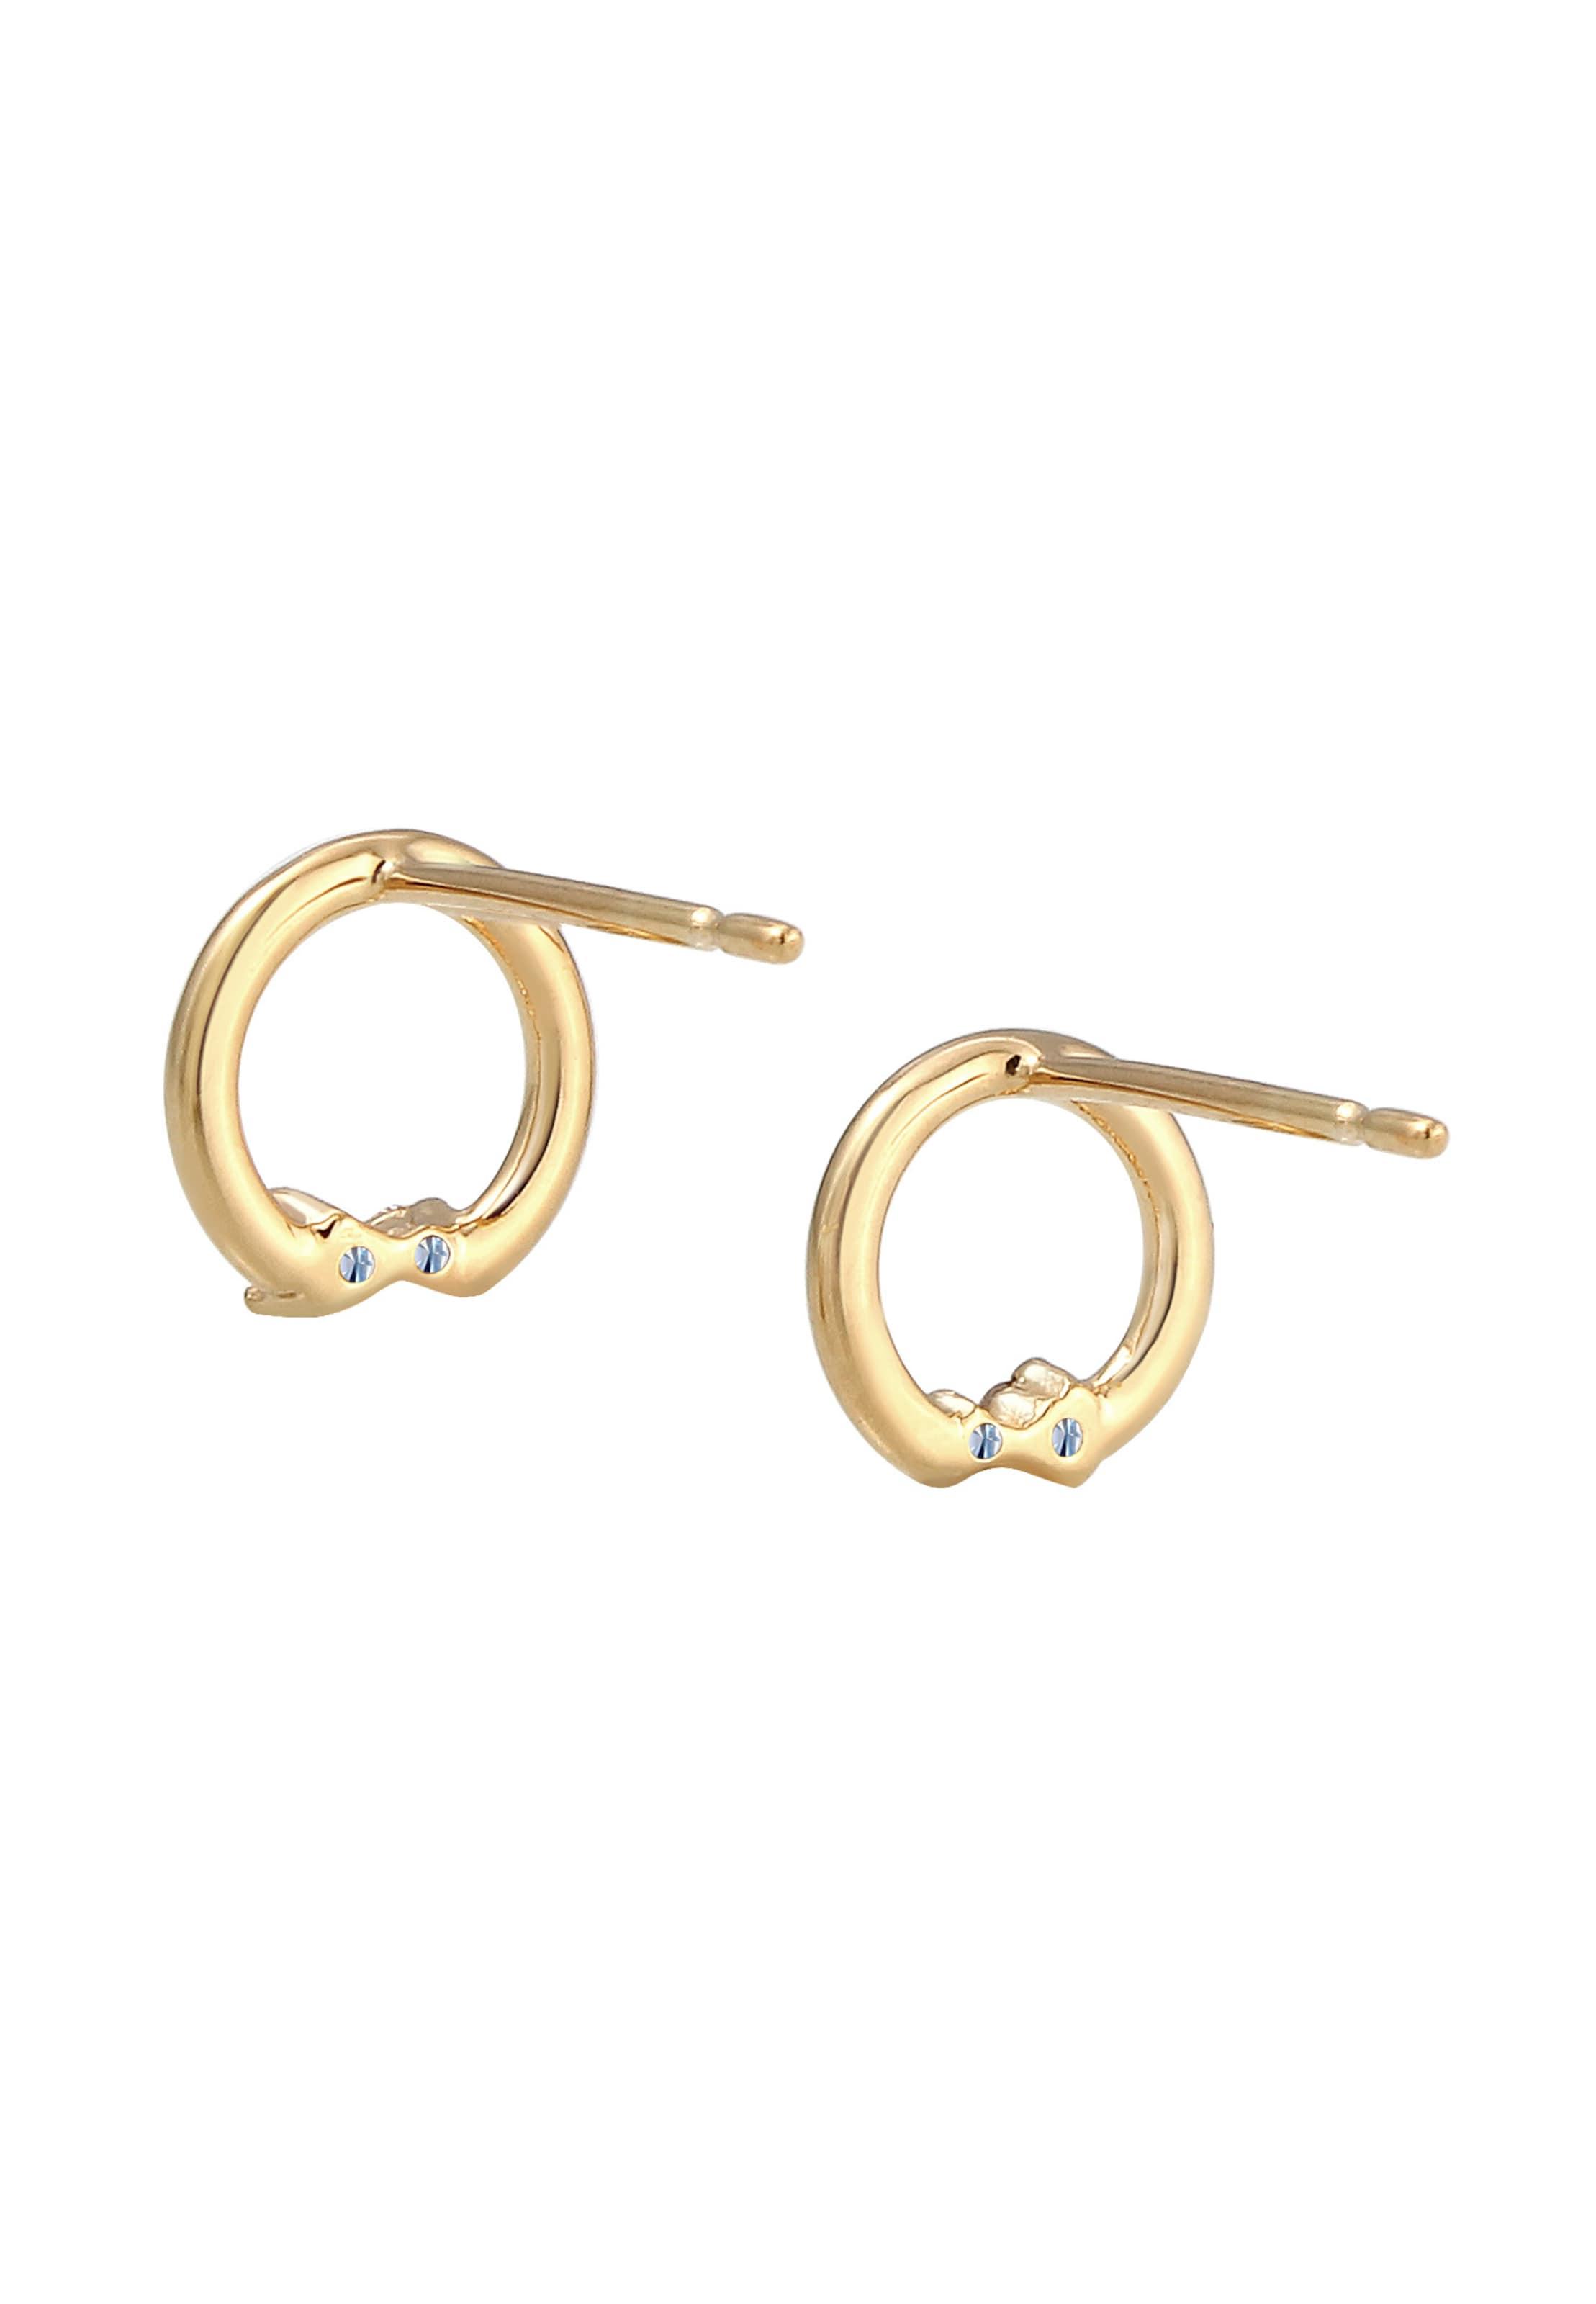 Ohrringe In 'kreis' Ohrringe 'kreis' Diamore Ohrringe In Gold Diamore Diamore 'kreis' In Gold S3qc4j5ALR